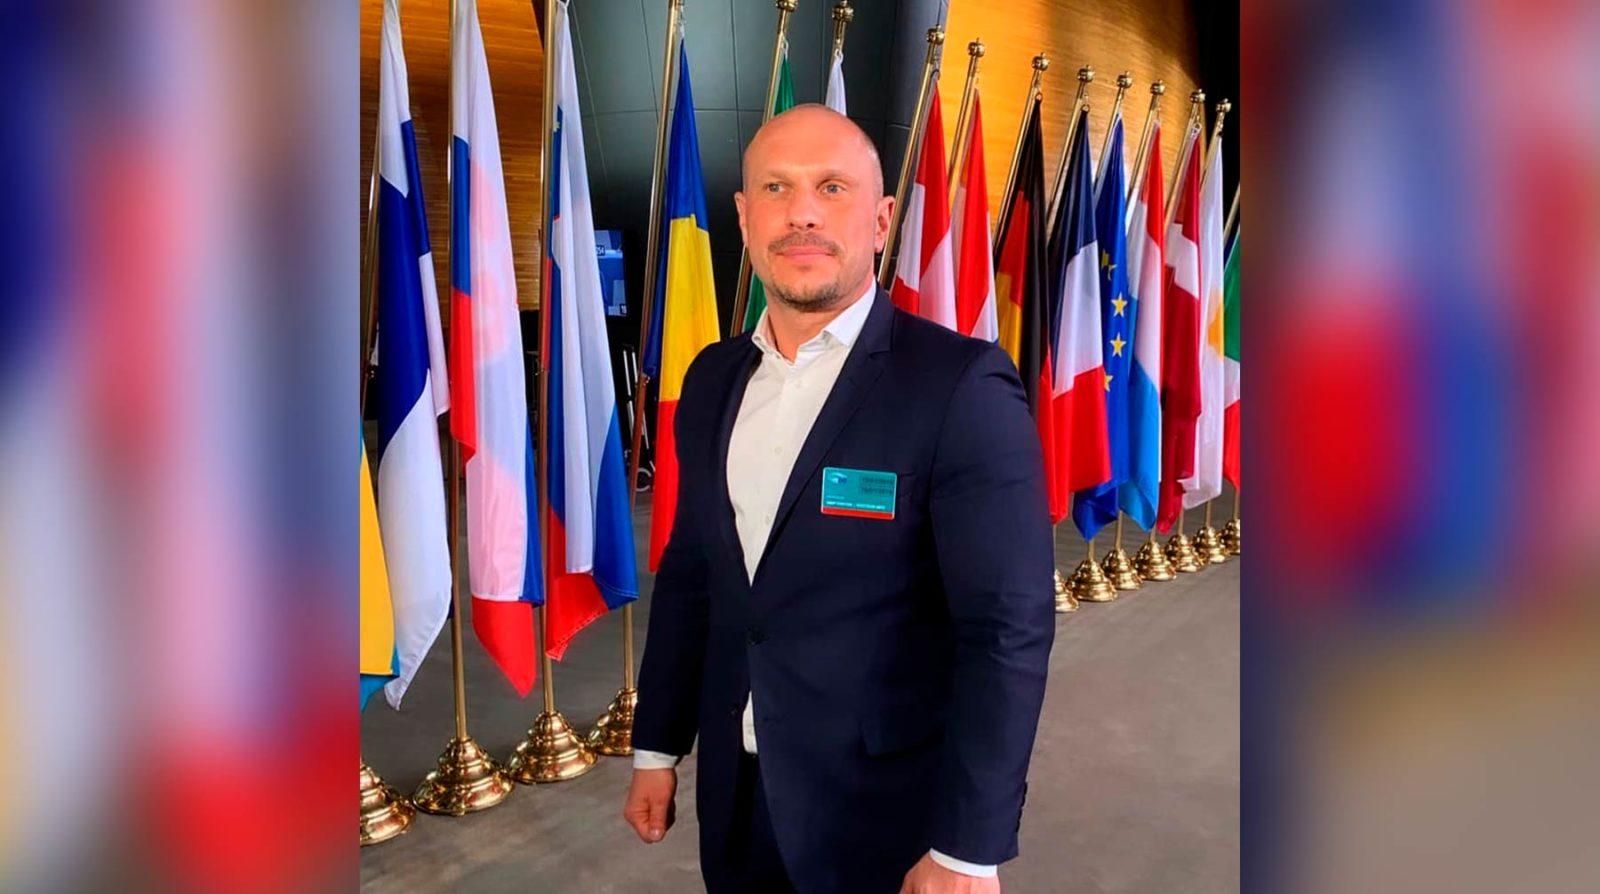 Пресс-секретарь Жириновского Александр Дюпин в ФБ открытым текстом говорит, что он гей